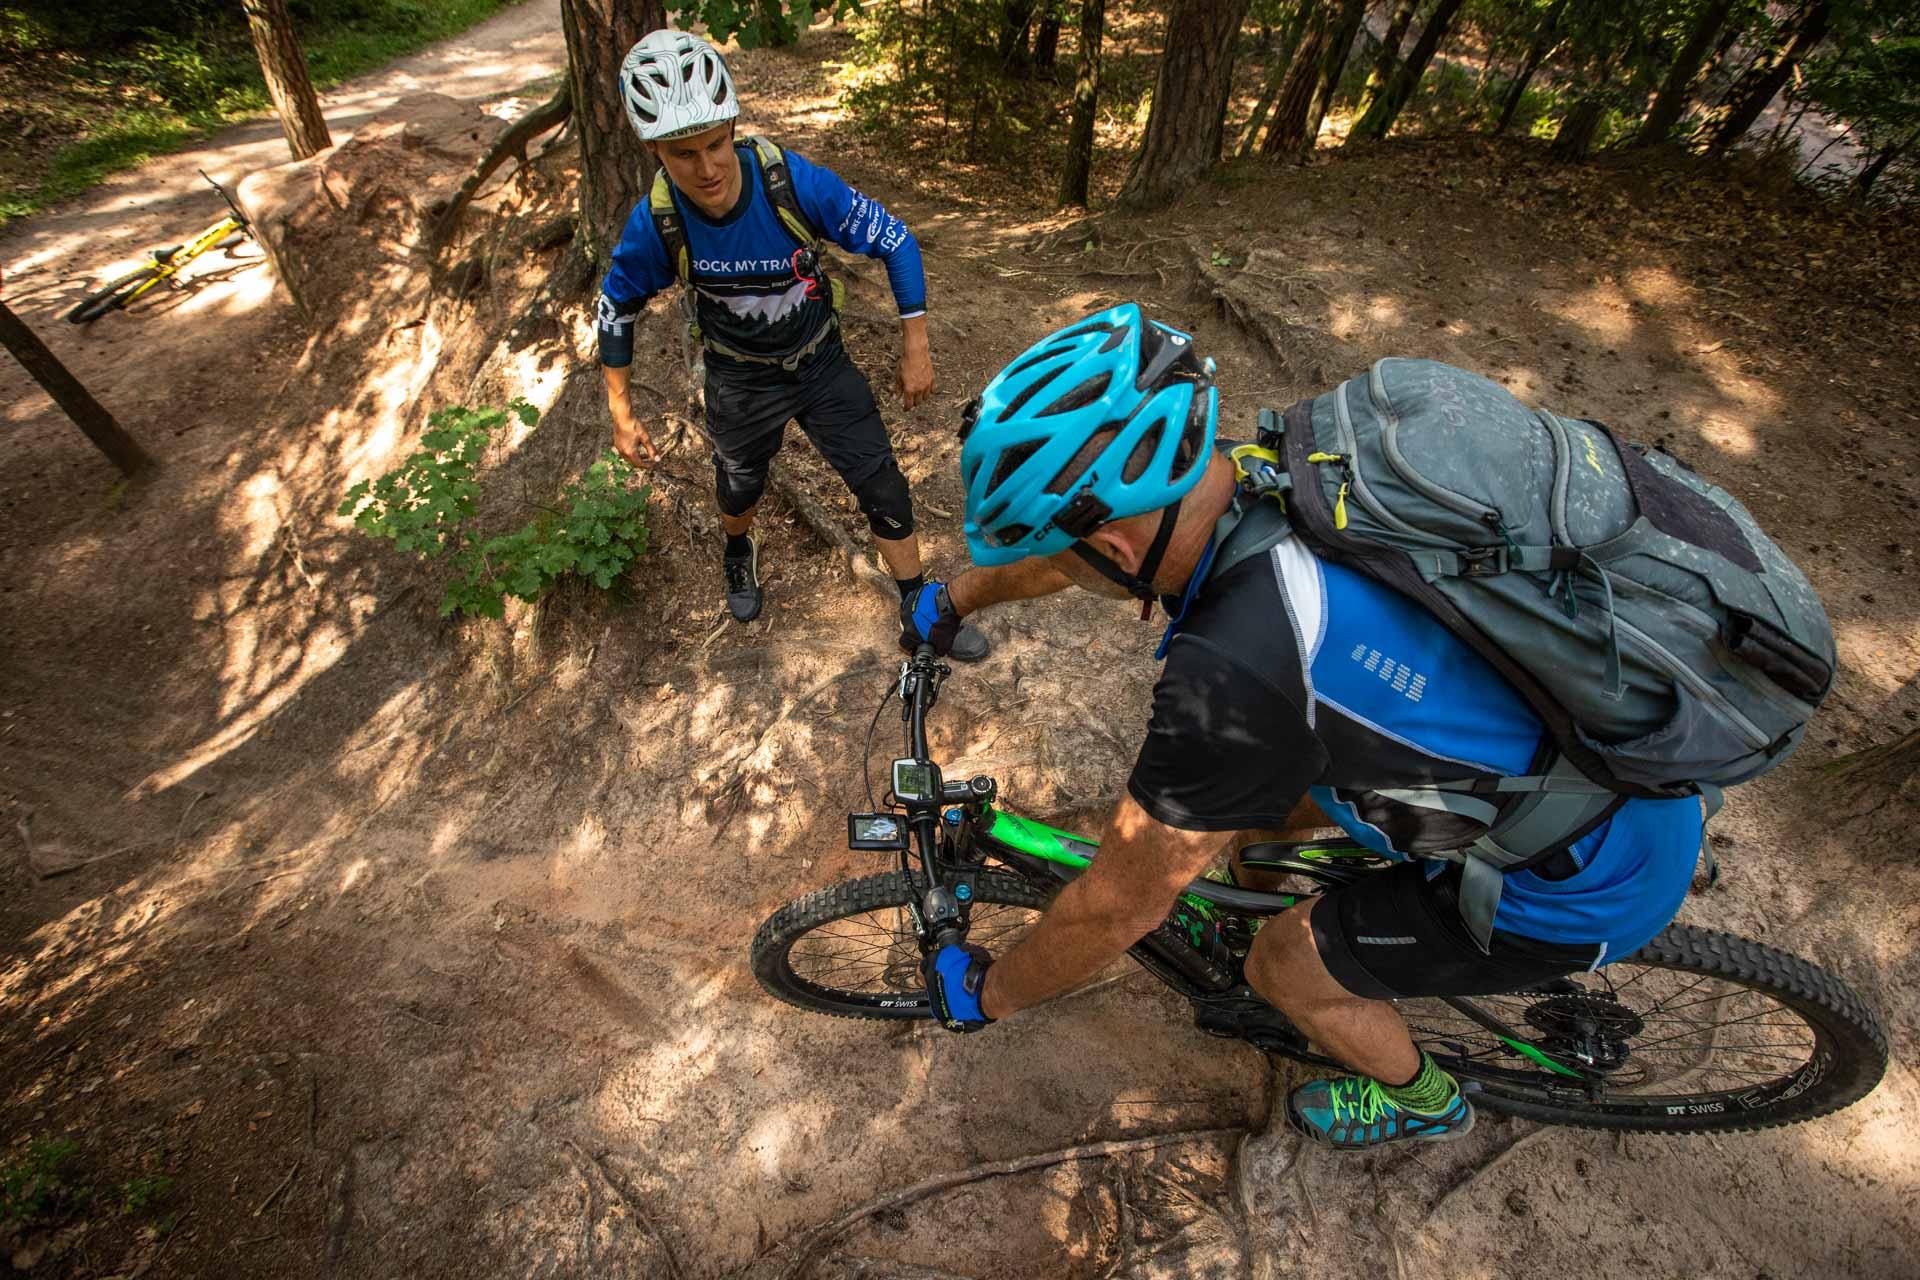 eMTB Fortgeschritten Fahrtechnik Kurs in Bad Orb Spessart - Rock my Trail Bikeschule - 6